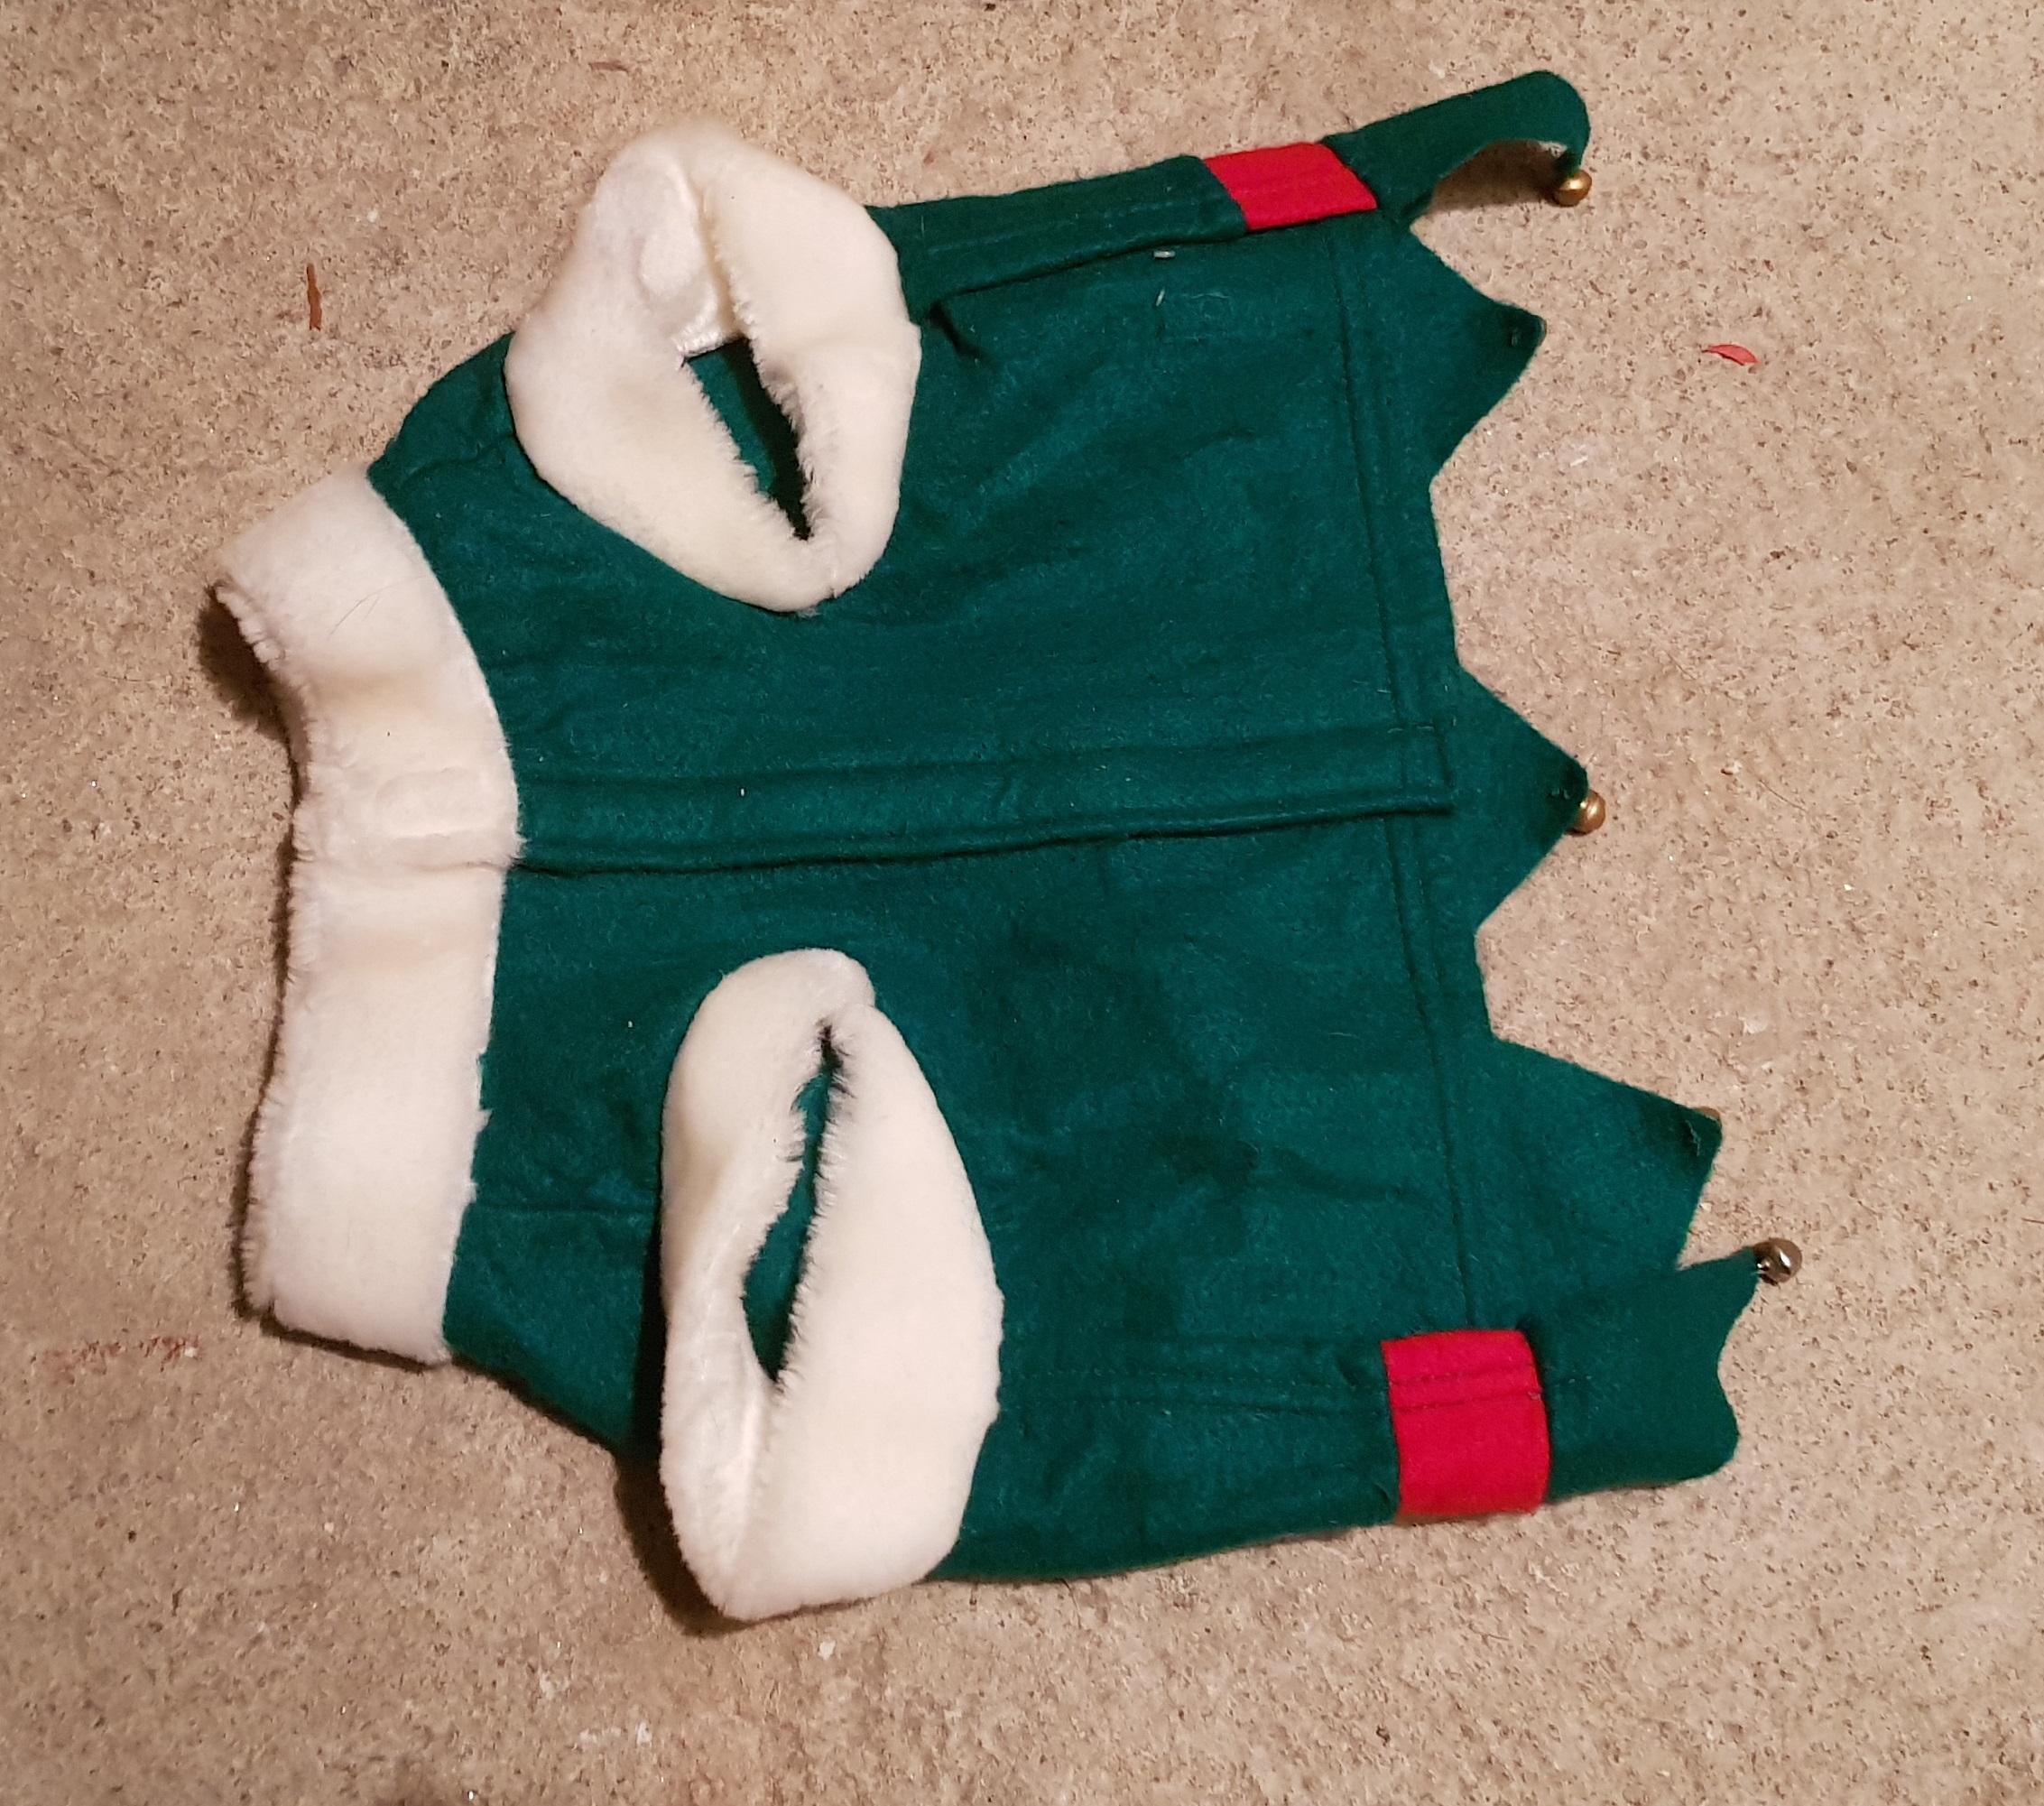 troc de troc manteau lutin de noël chien image 1